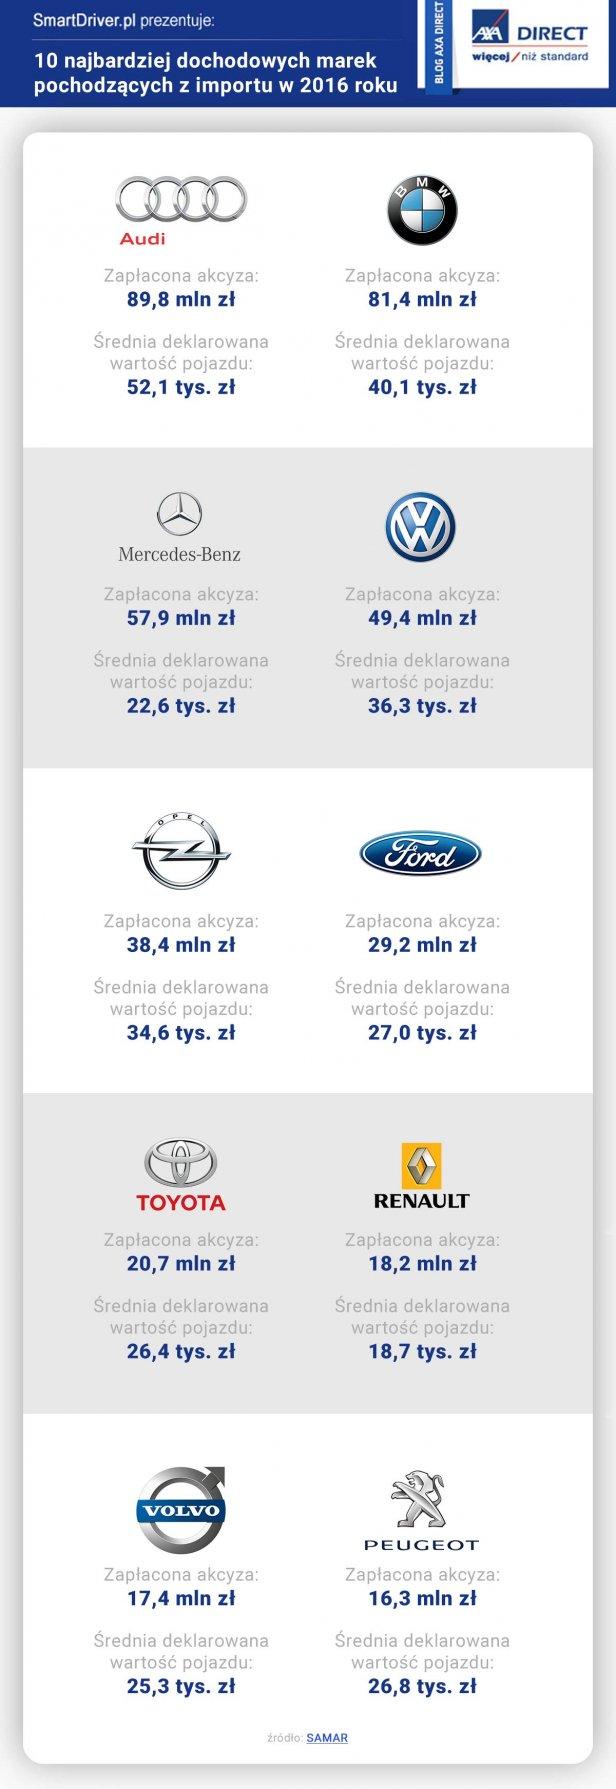 dochodowe - Ile państwo zarobiło na akcyzie z poszczególnych marek samochodów importowanych?